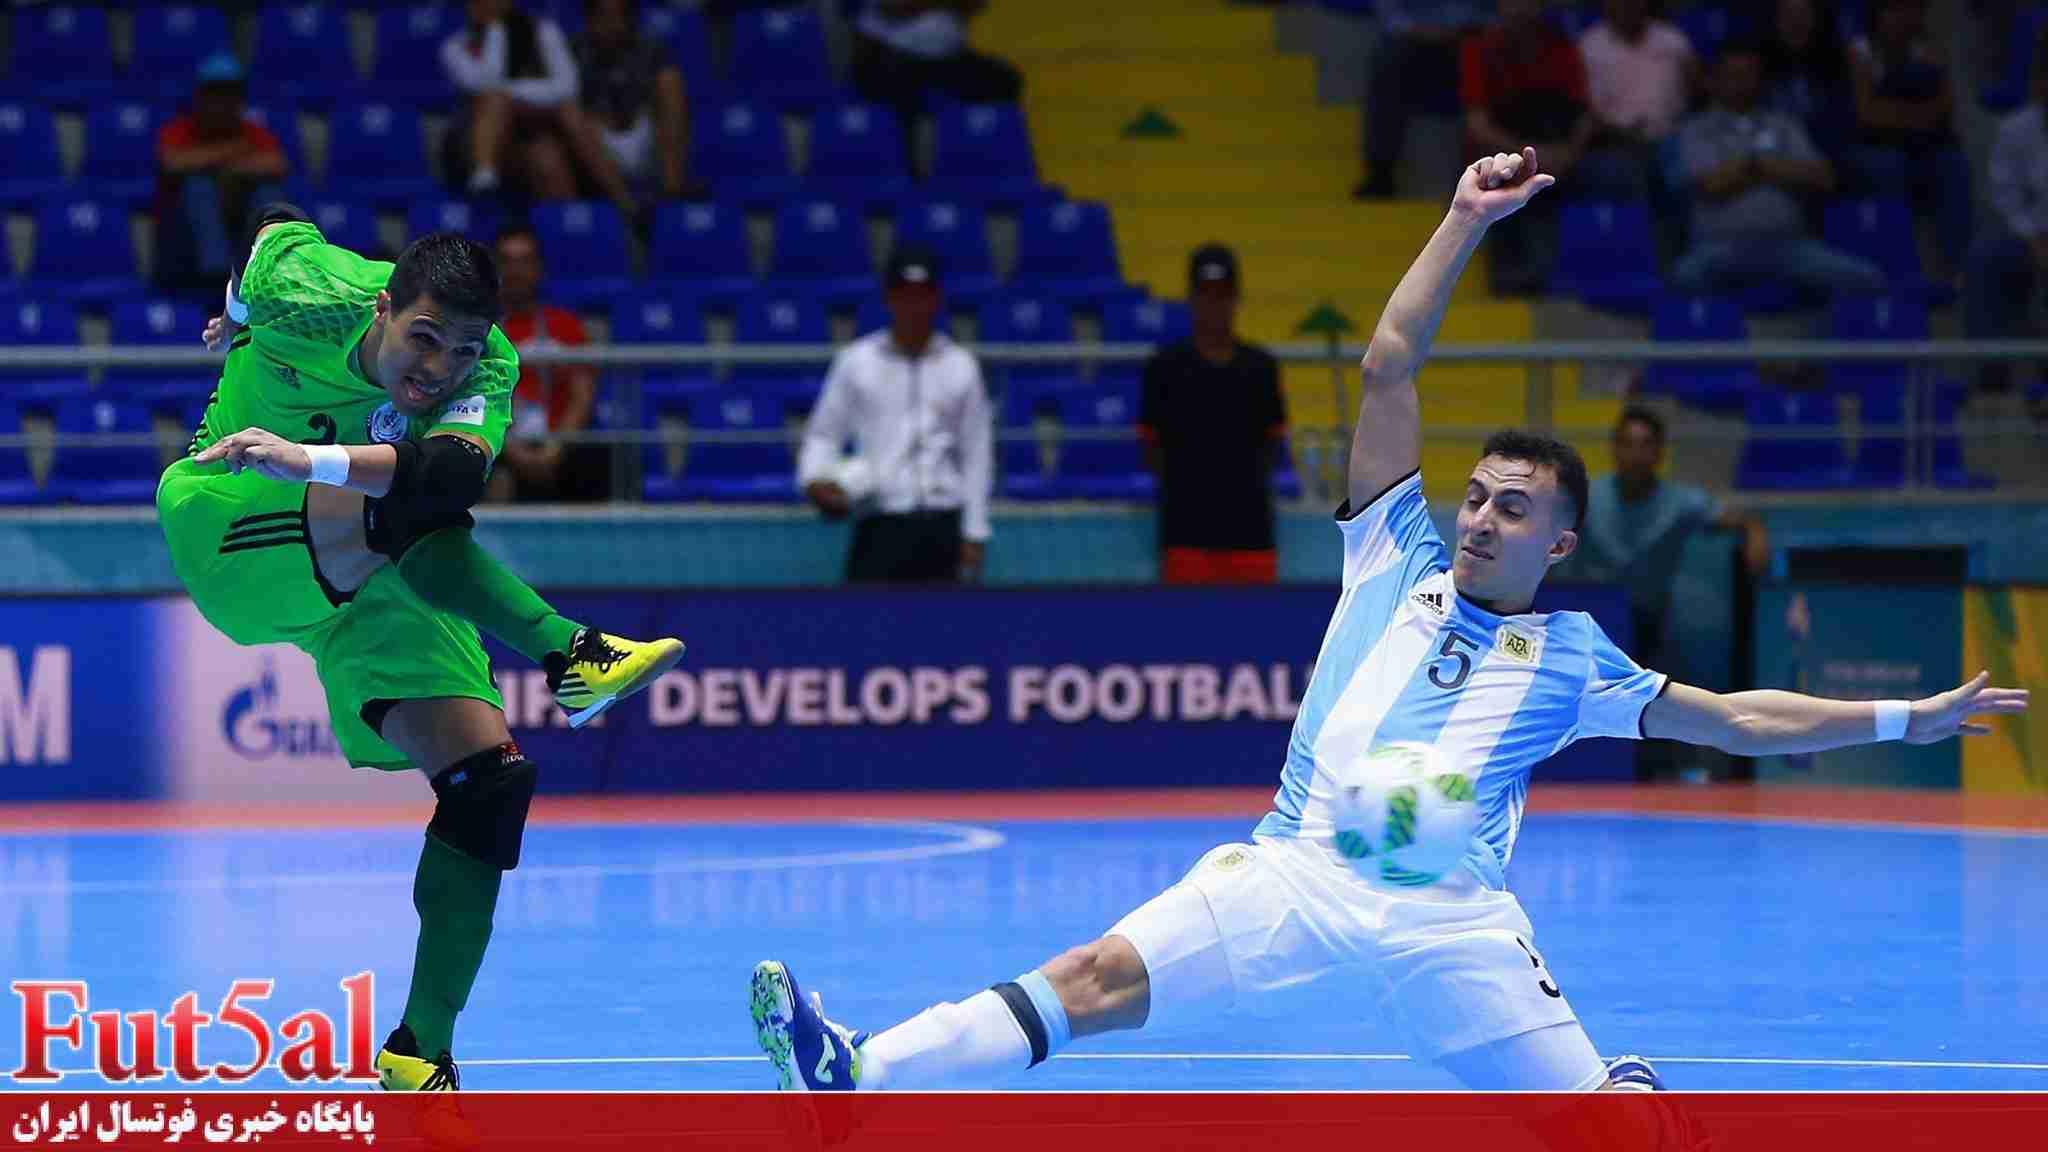 تیم ملی فوتسال برزیل به دنبال بازی با آرژانتین